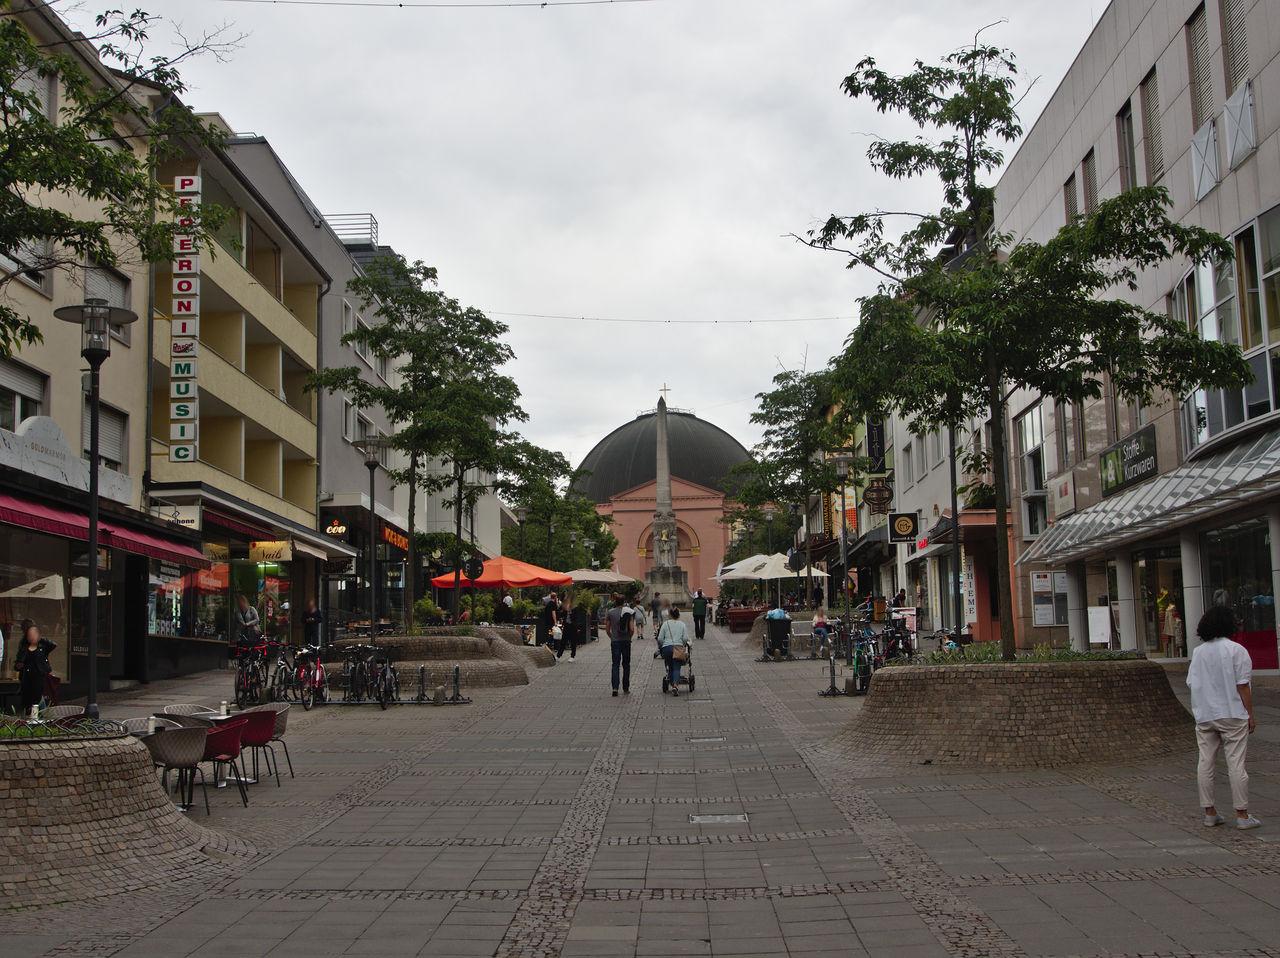 20190611_Veste_Otzberg_und_Darmstadt_019